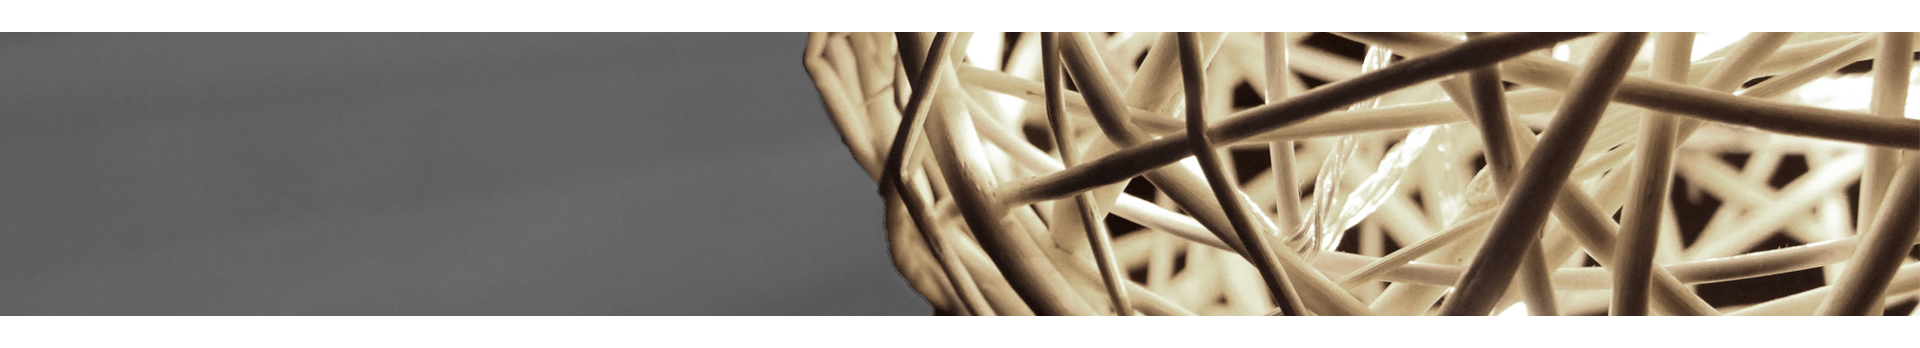 Bolas Decorativas para Hogar | Mobelfy ®